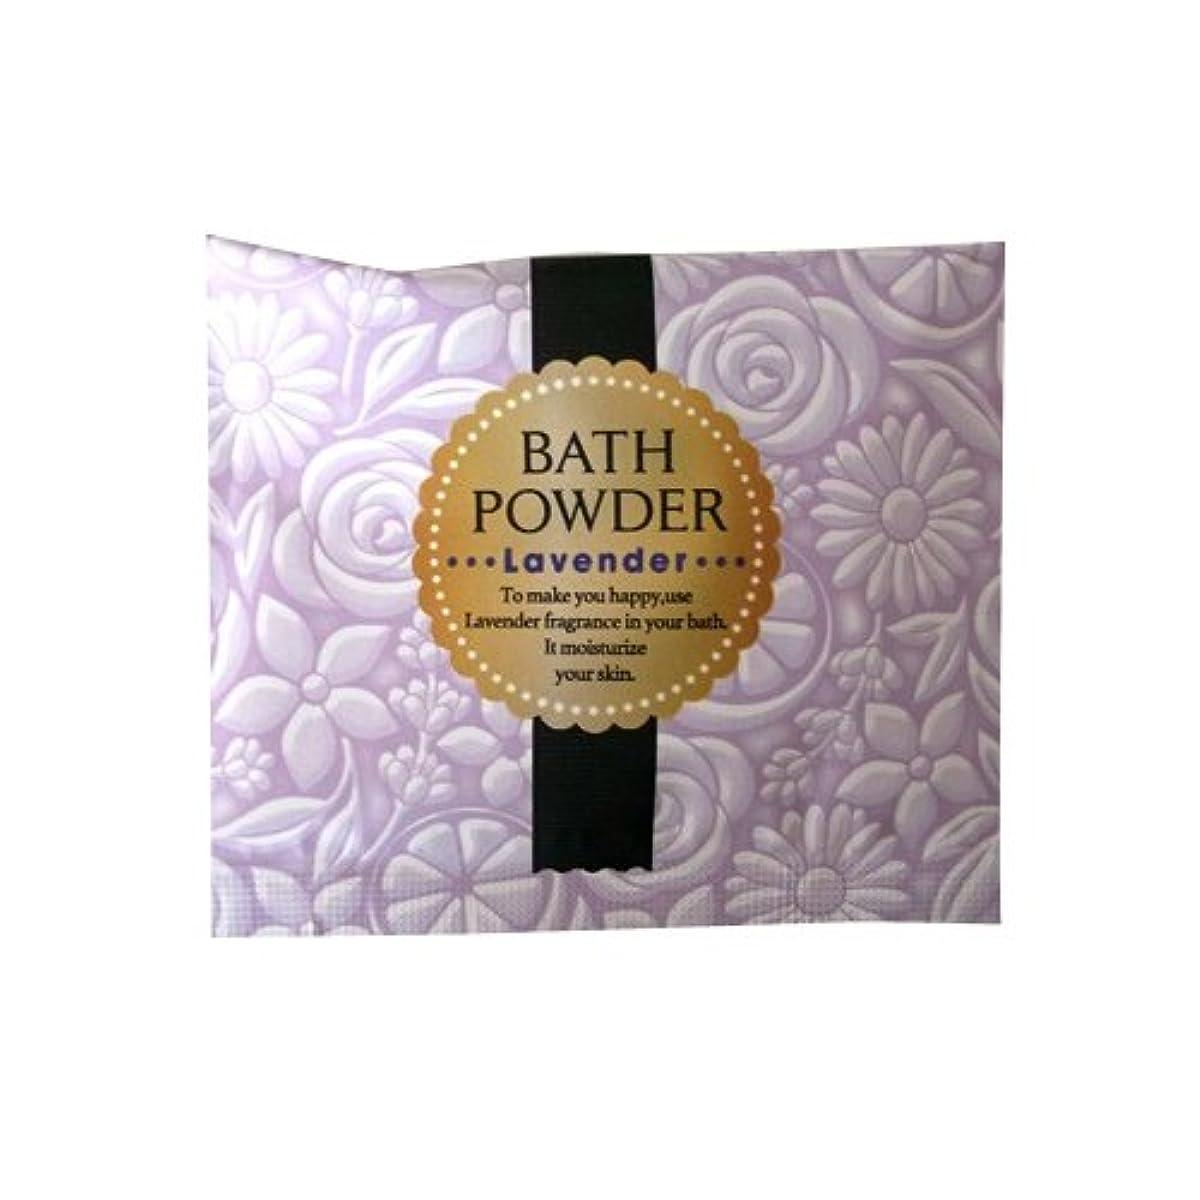 意識道徳レギュラー入浴剤 LUCKY BATH (ラッキーバス) 25g ラベンダーの香り